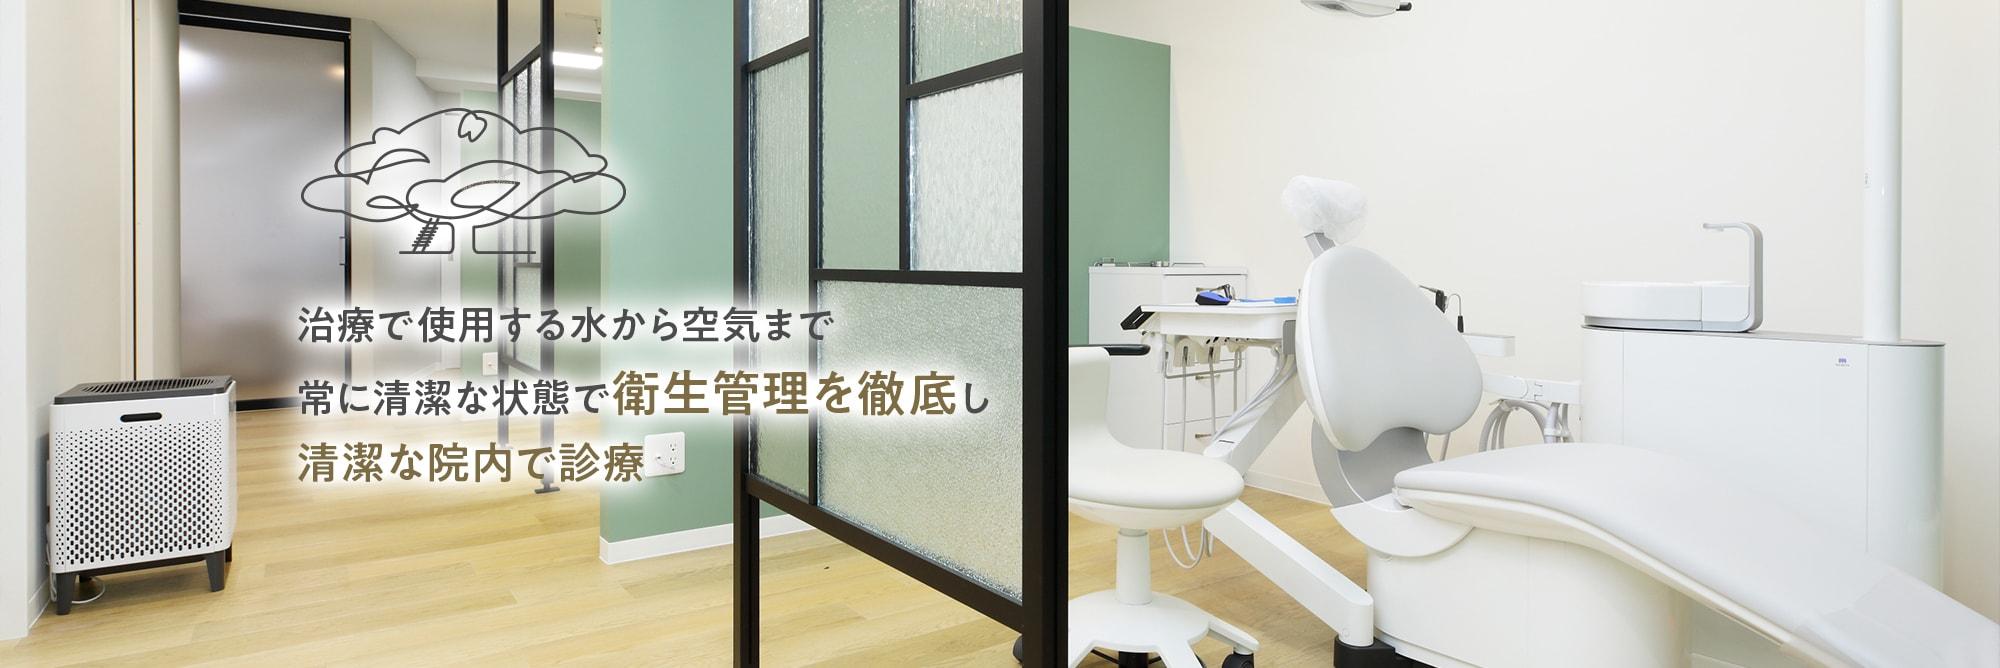 治療で使用する水から空気まで常に清潔な状態で衛生管理を徹底し清潔な院内で診療